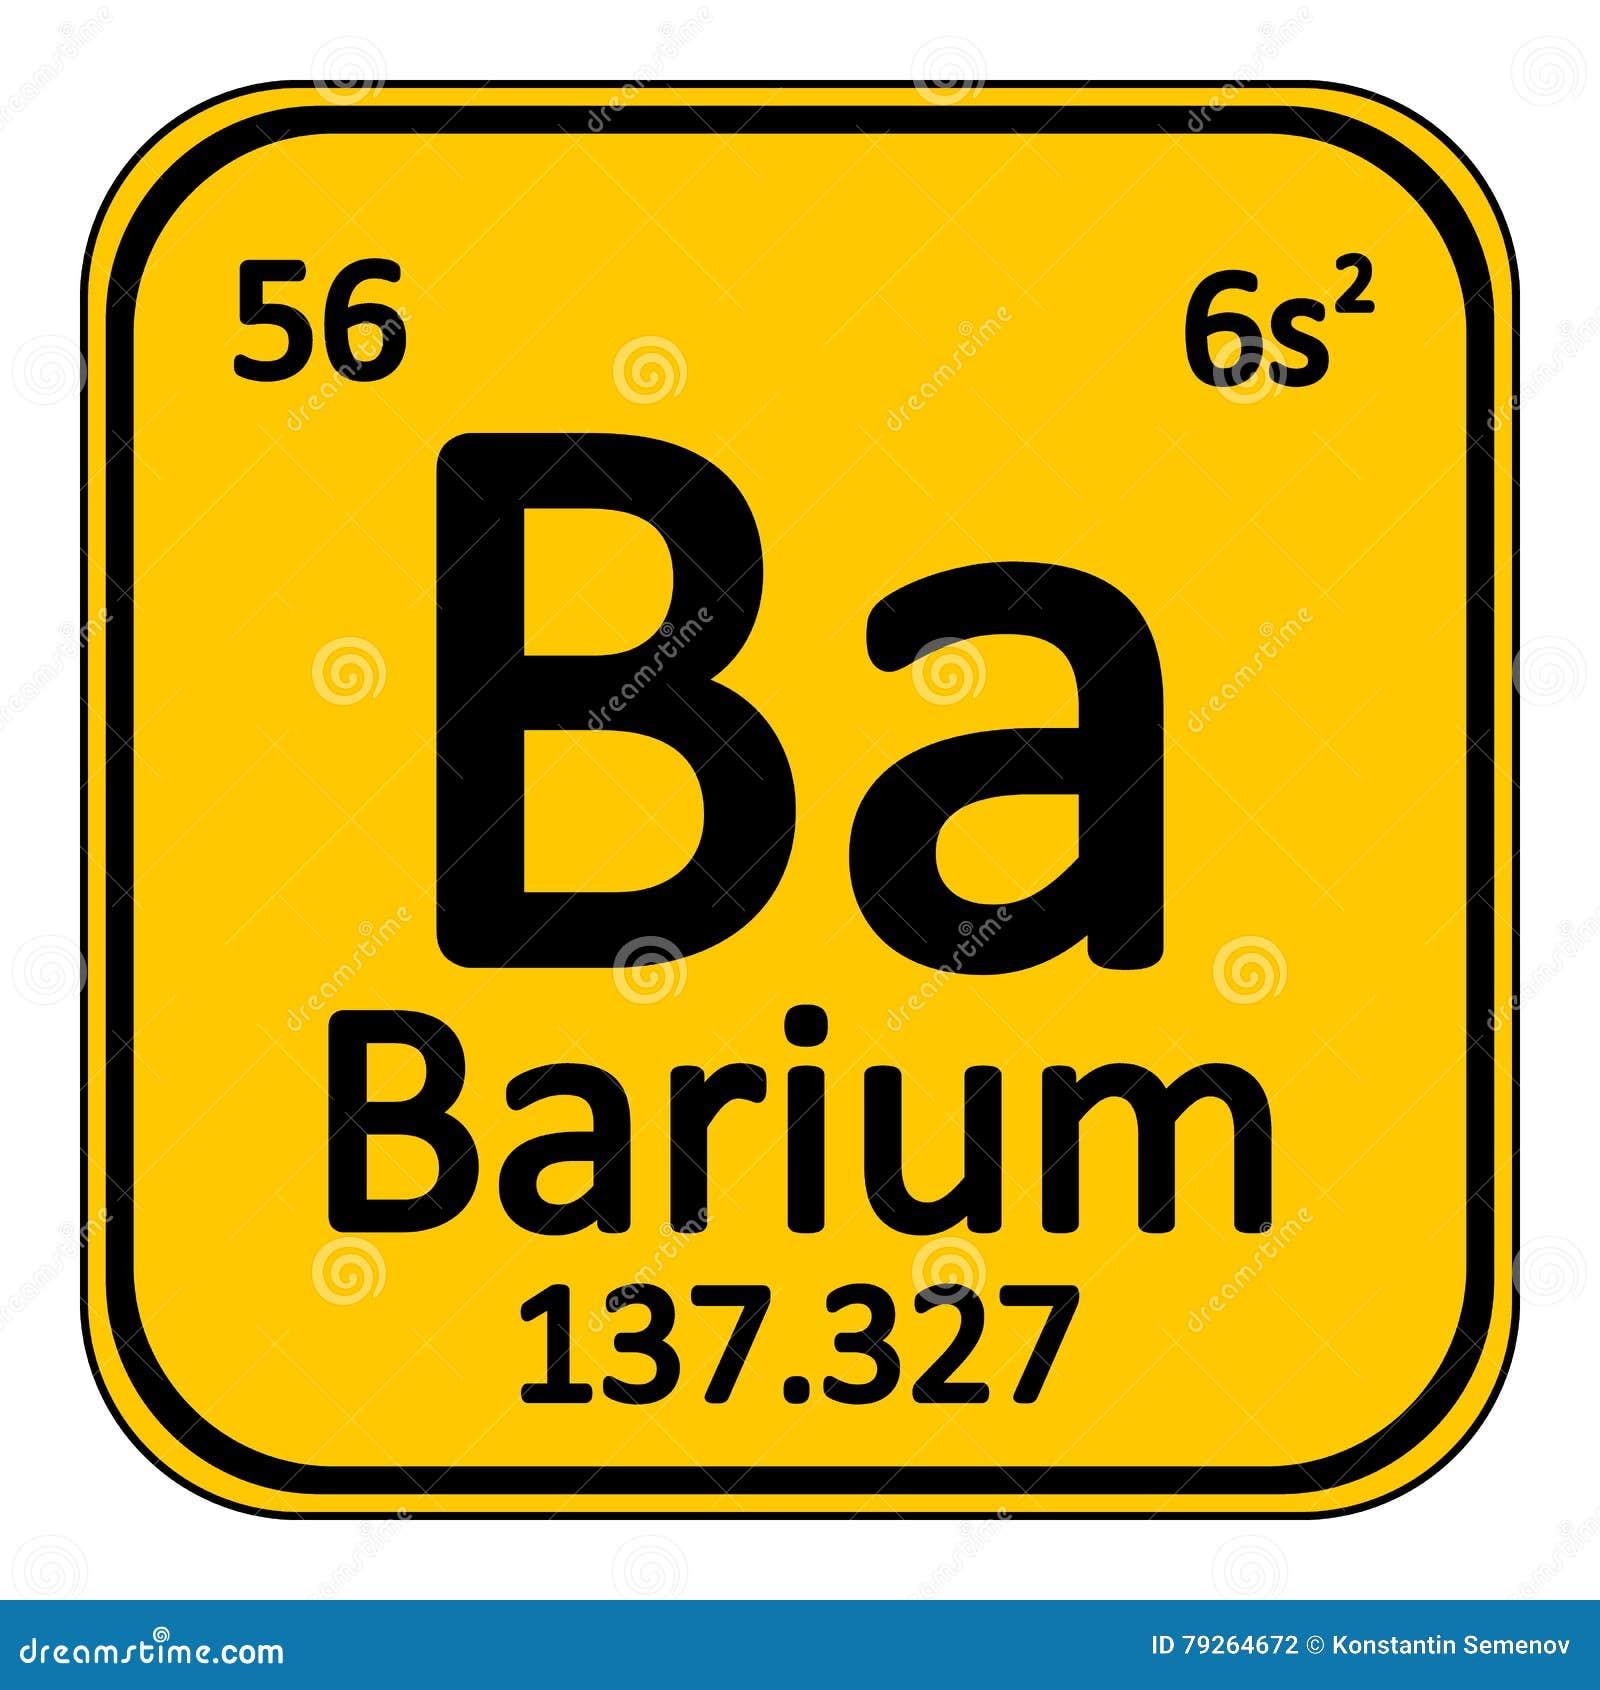 Periodic table element barium icon stock illustration periodic table element barium icon biocorpaavc Images